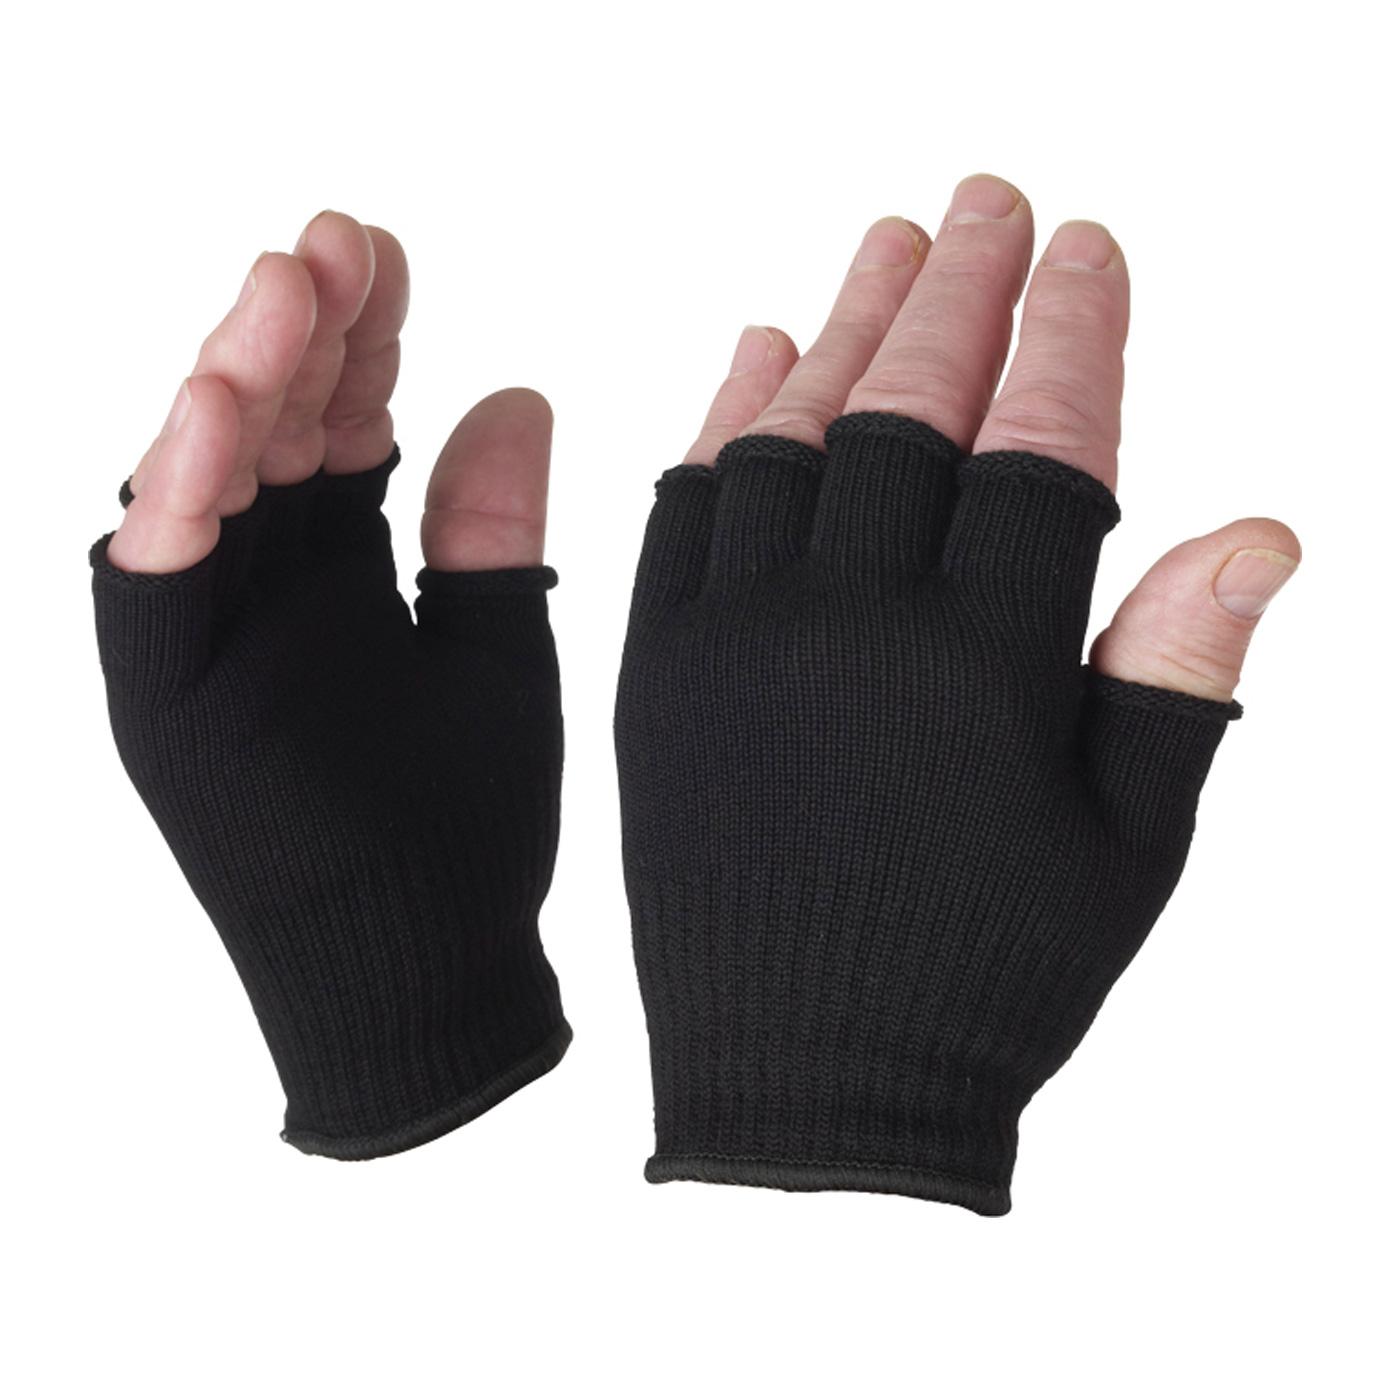 Fingerless gloves diy -  Why Fingerless Gloves Gloves